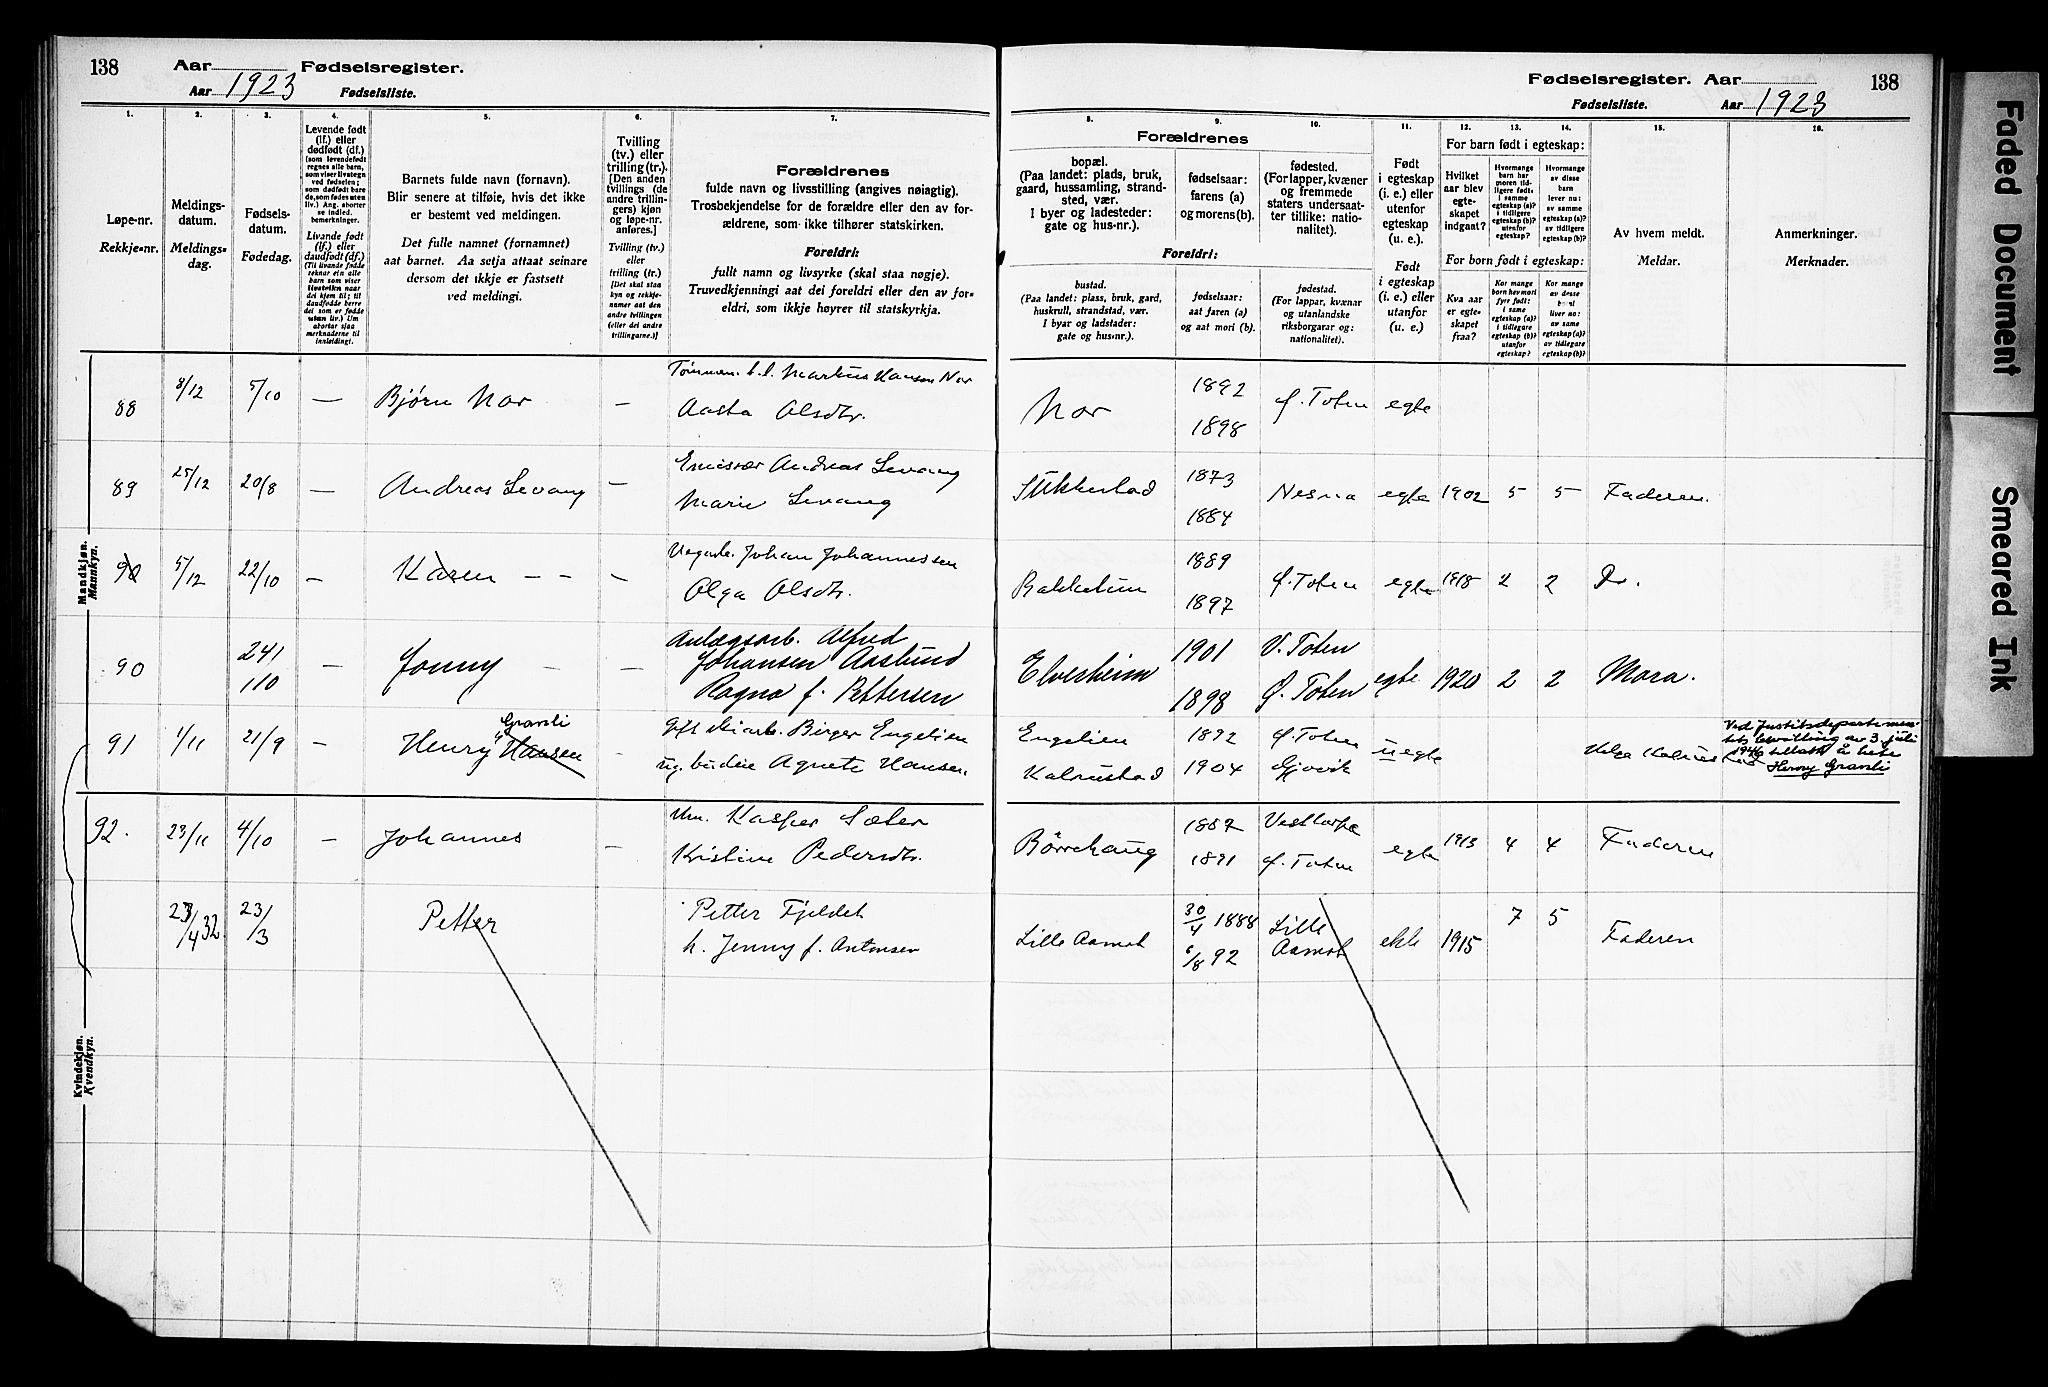 SAH, Østre Toten prestekontor, Birth register no. 15, 1916-1928, p. 138